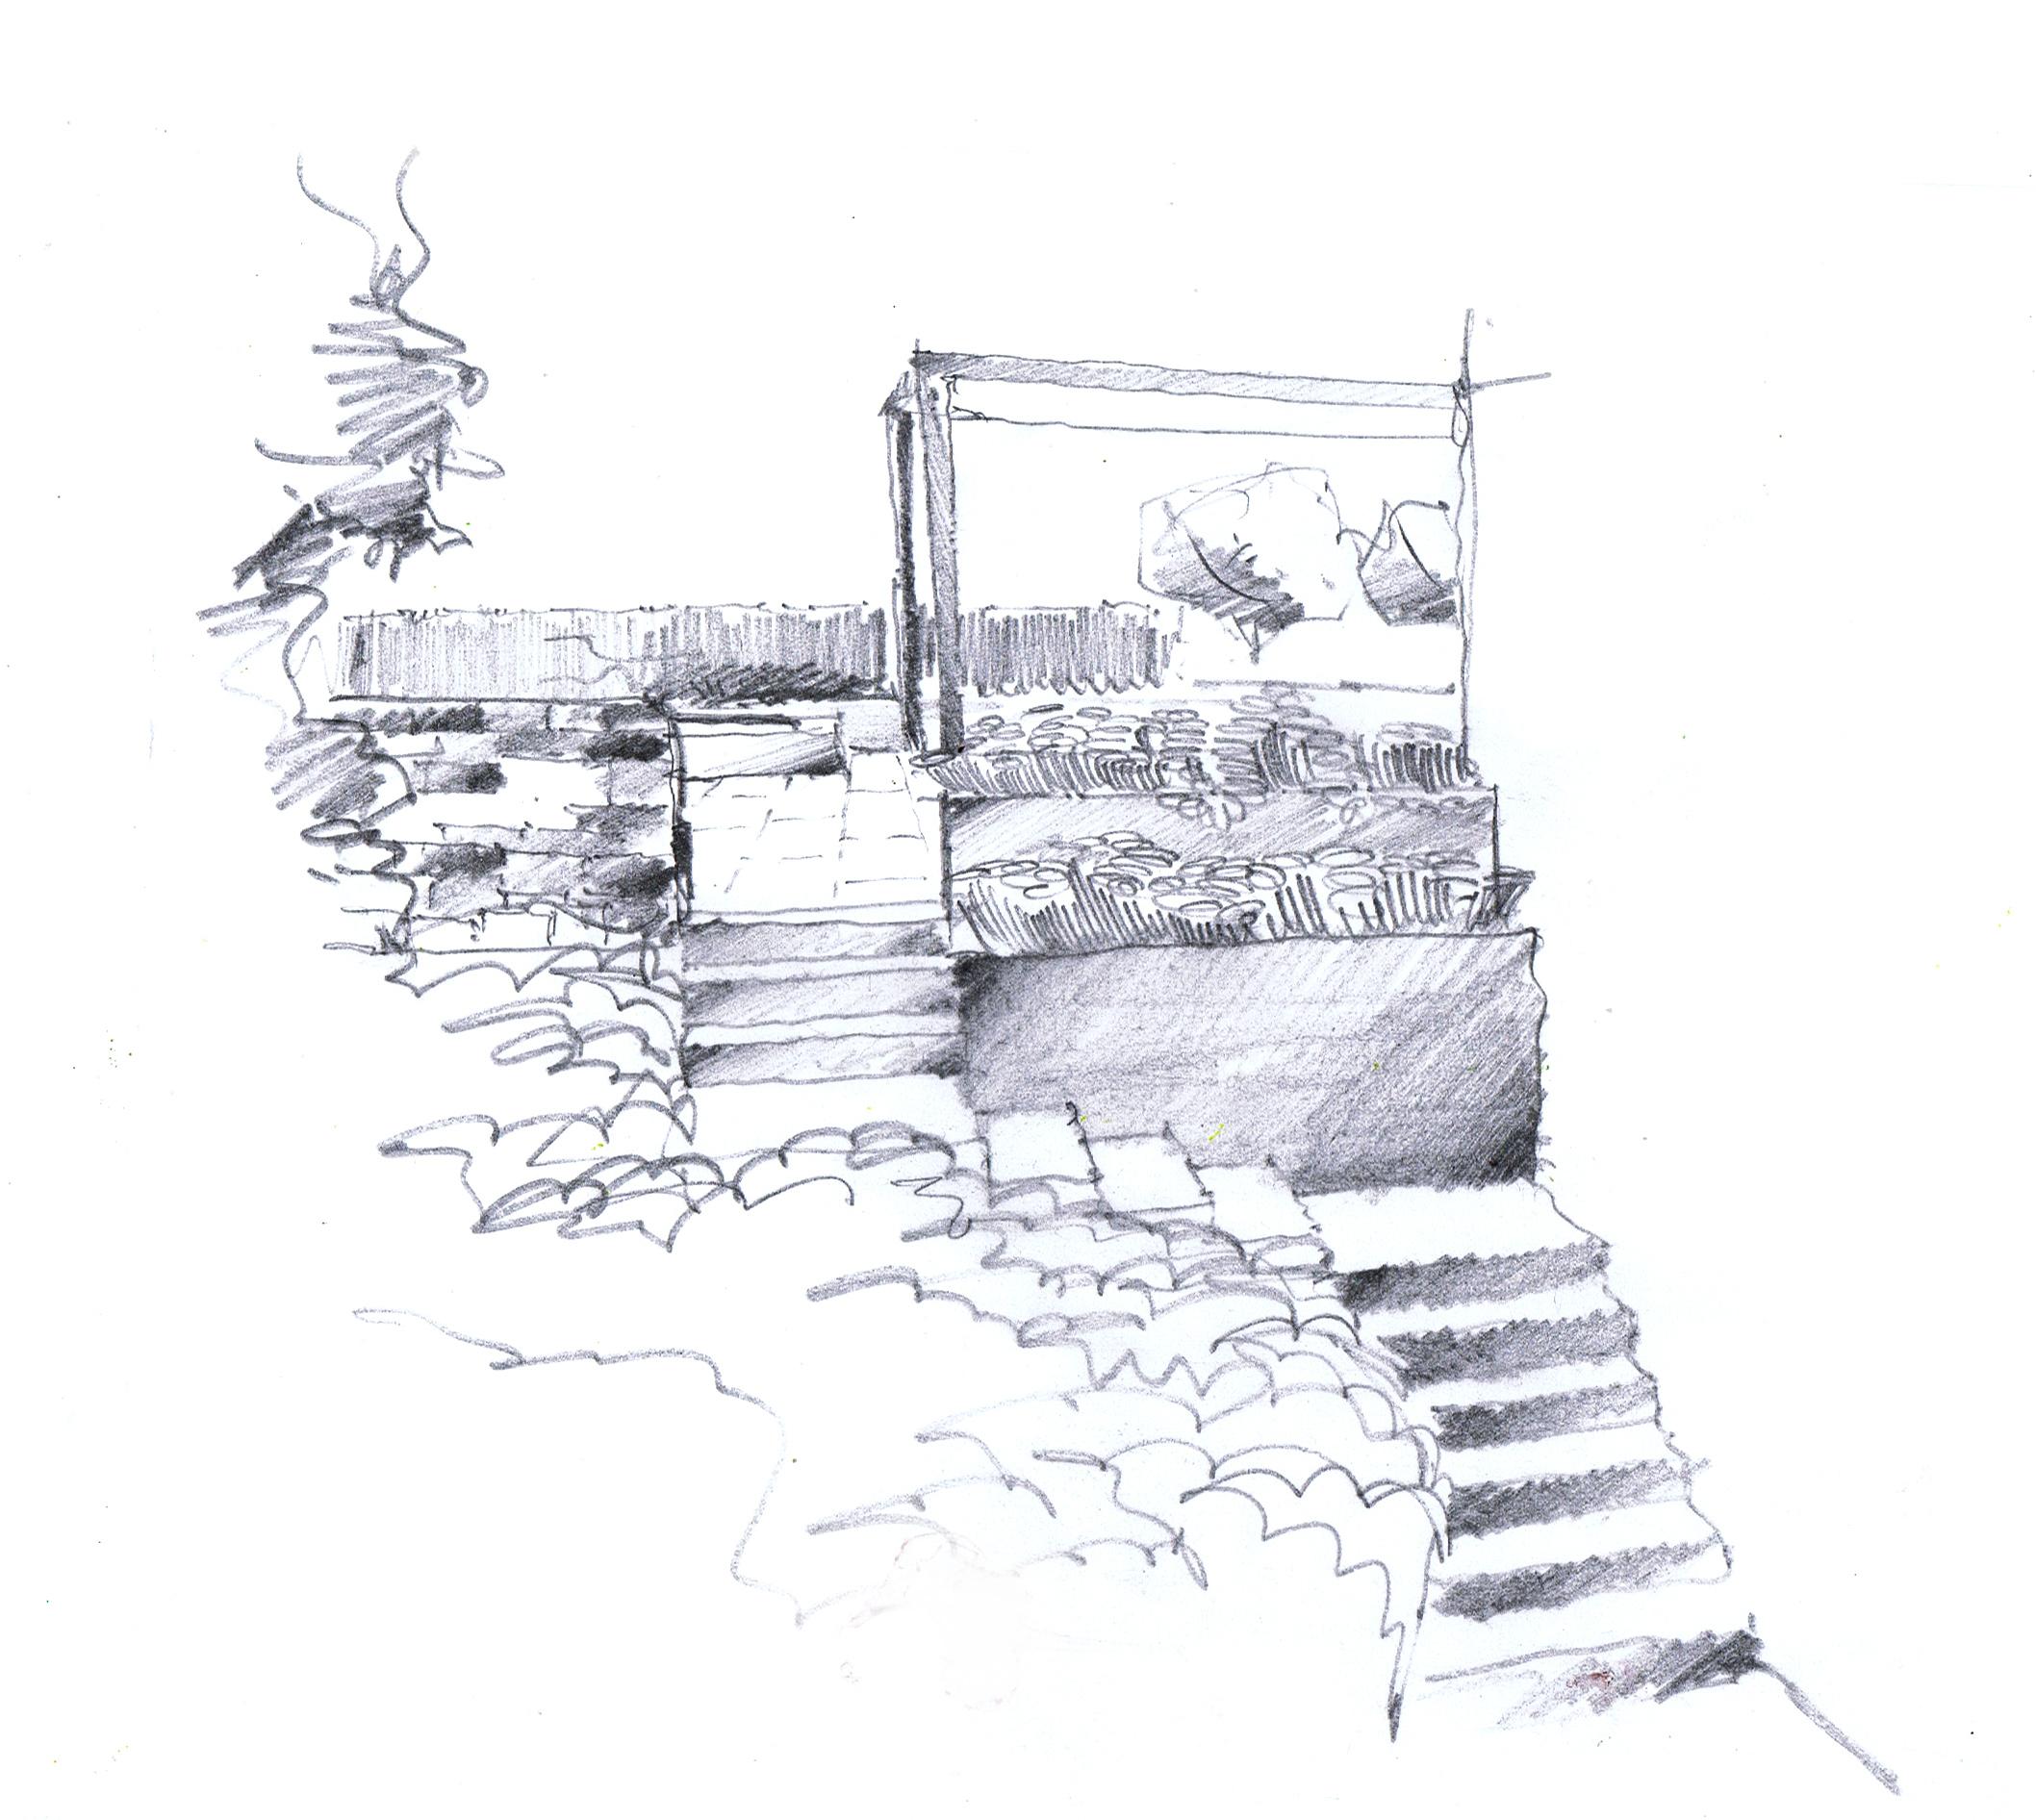 Landschaftsarchitektur garten skizze - Garten zeichnen ...